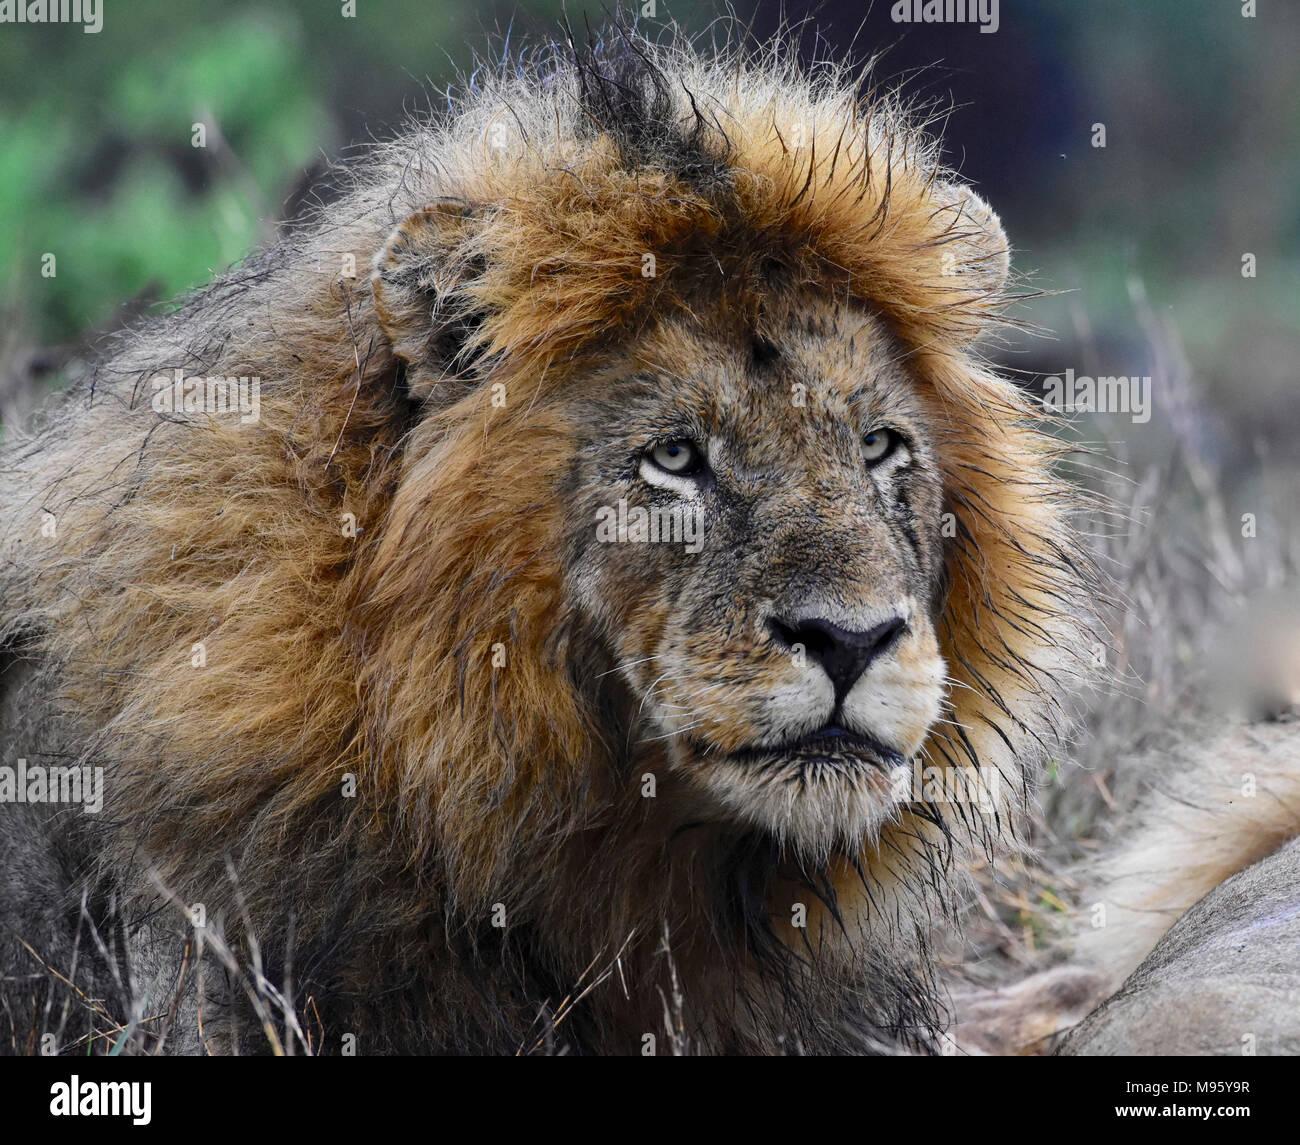 Il Sudafrica è una destinazione turistica popolare per la sua miscela di veri africani e esperienze europee. Il Kruger Park è famosa in tutto il mondo. Wet maschio di leone. Immagini Stock